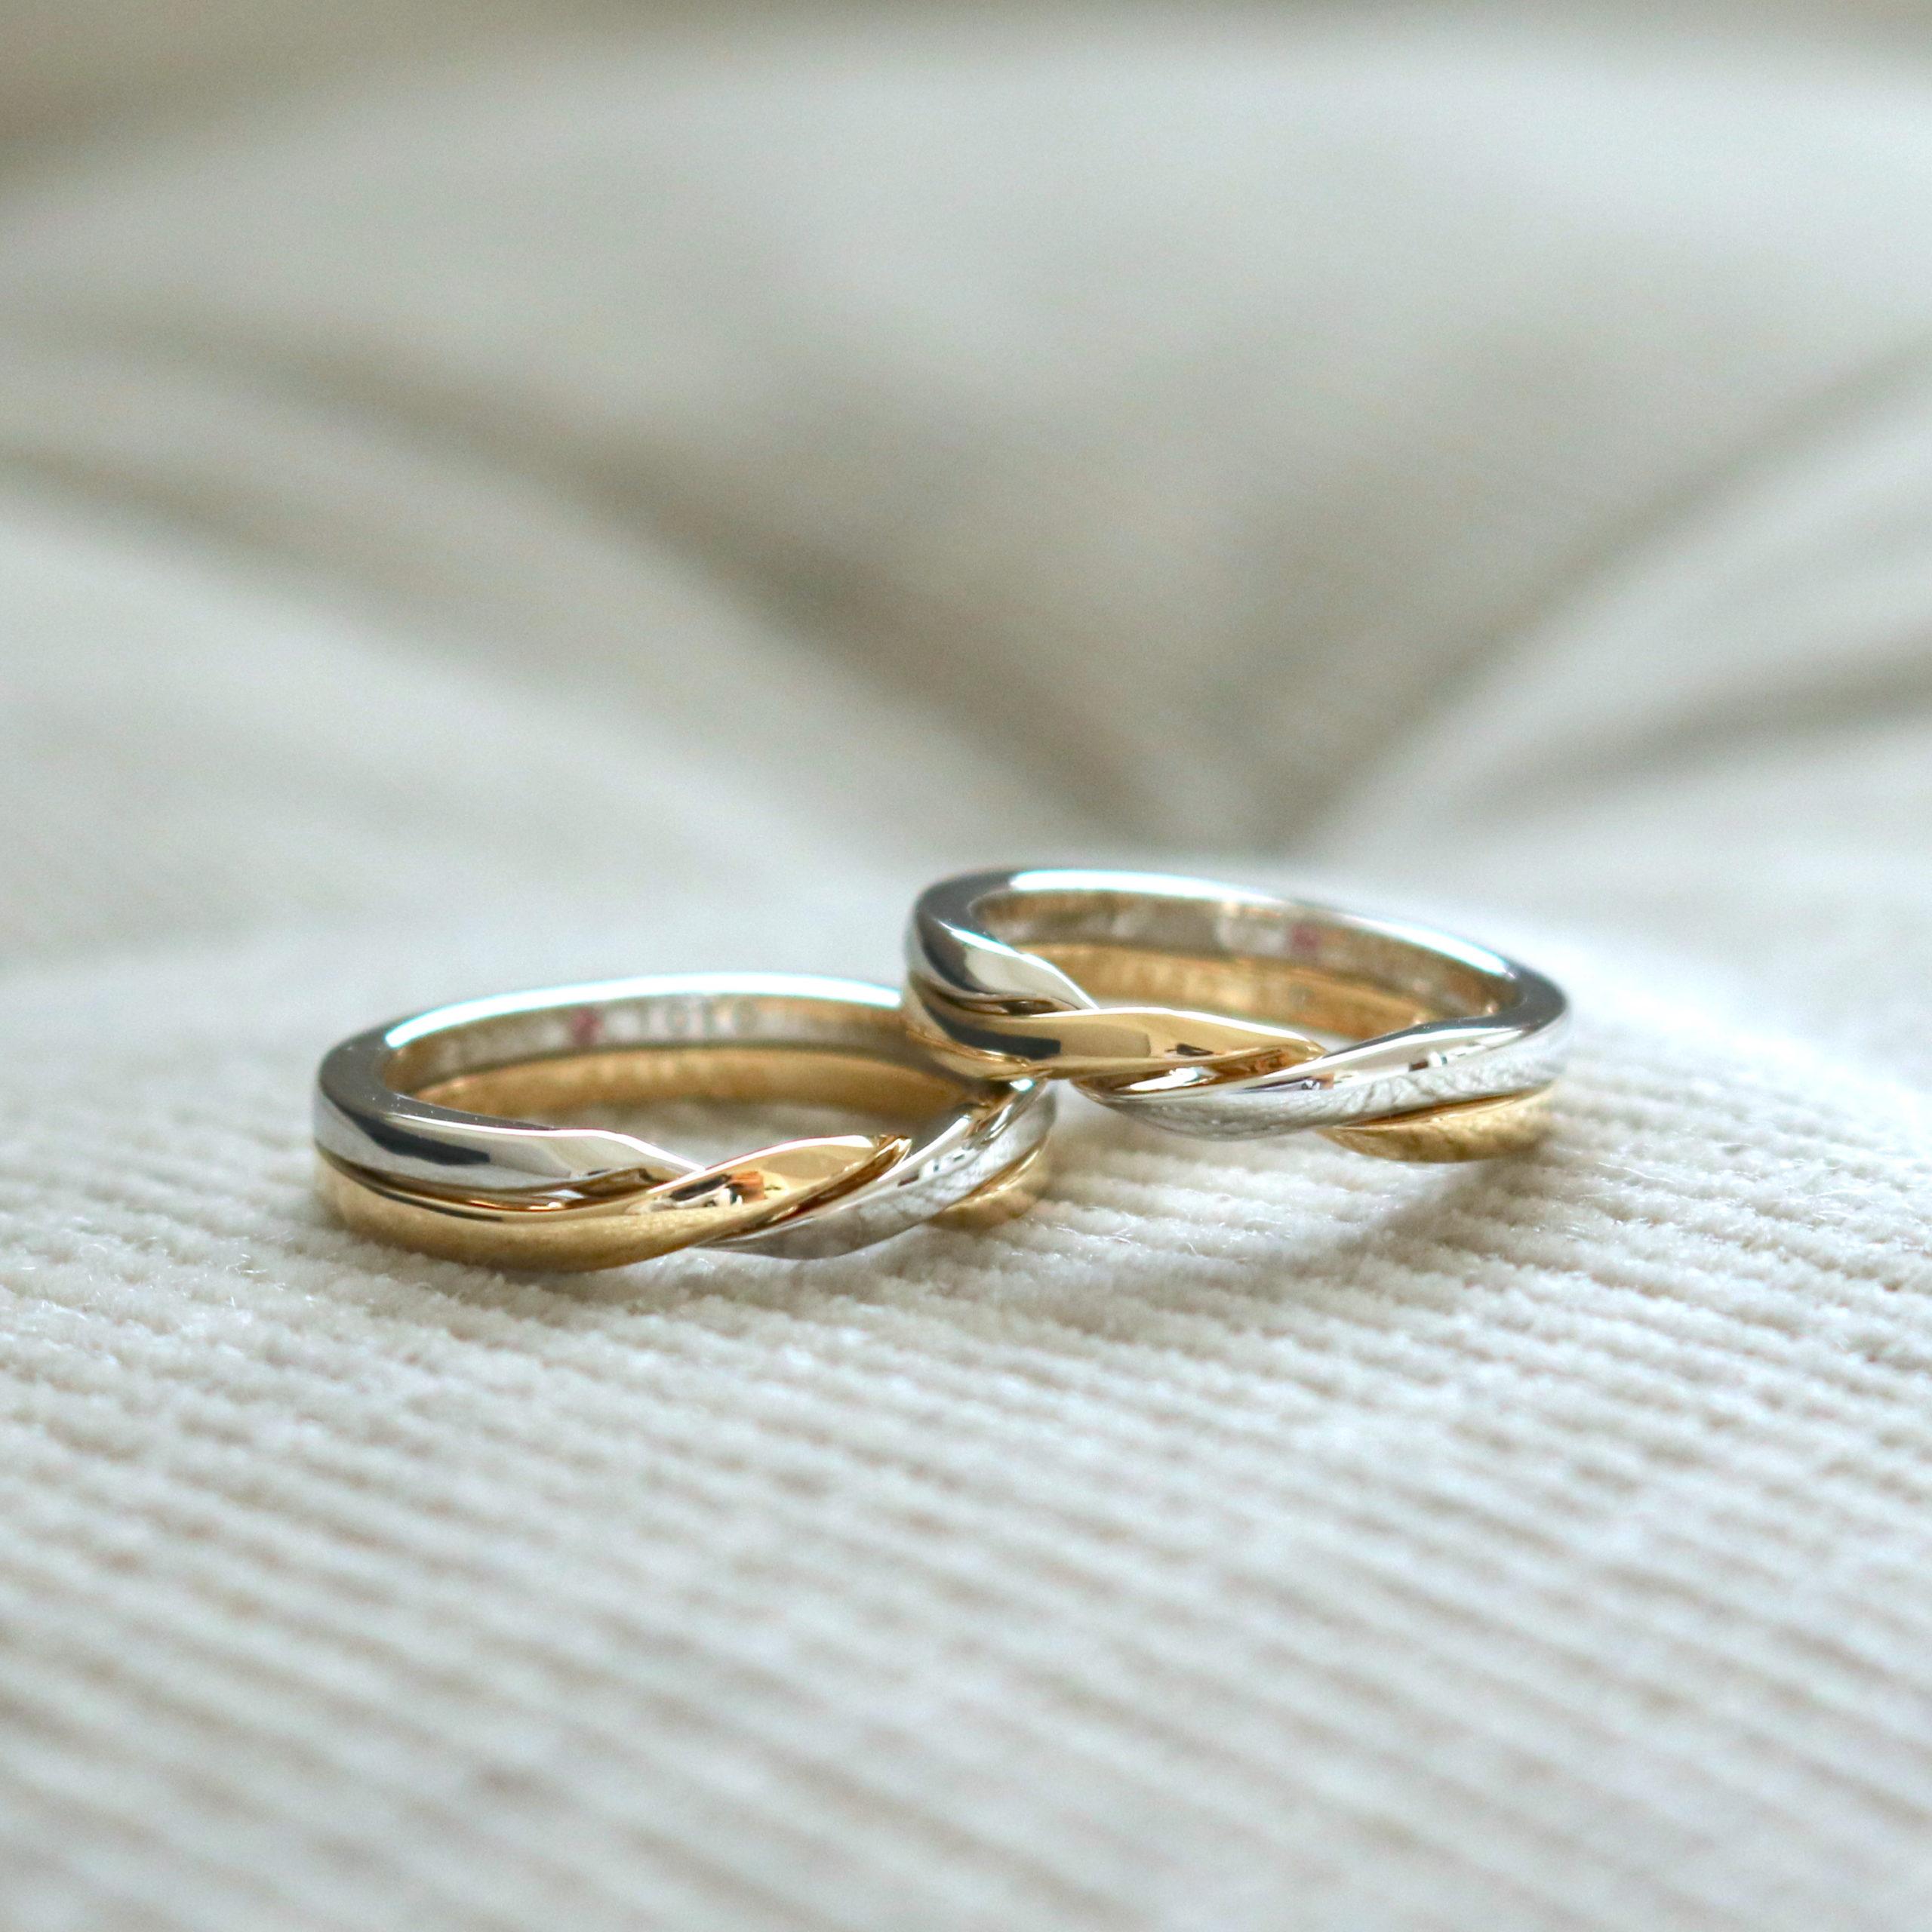 全てお揃いのデザインでお仕立てした、ギメルリングの結婚指輪